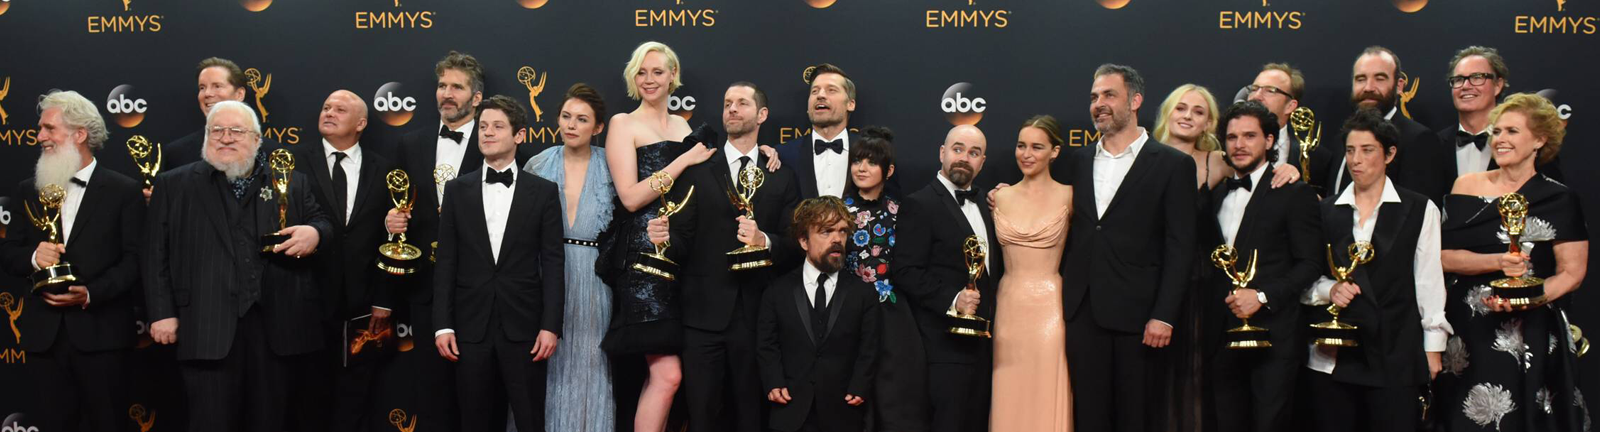 Der Cast von Game of Thrones bei den Emmy Awards 2016 auf dem Roten Teppich